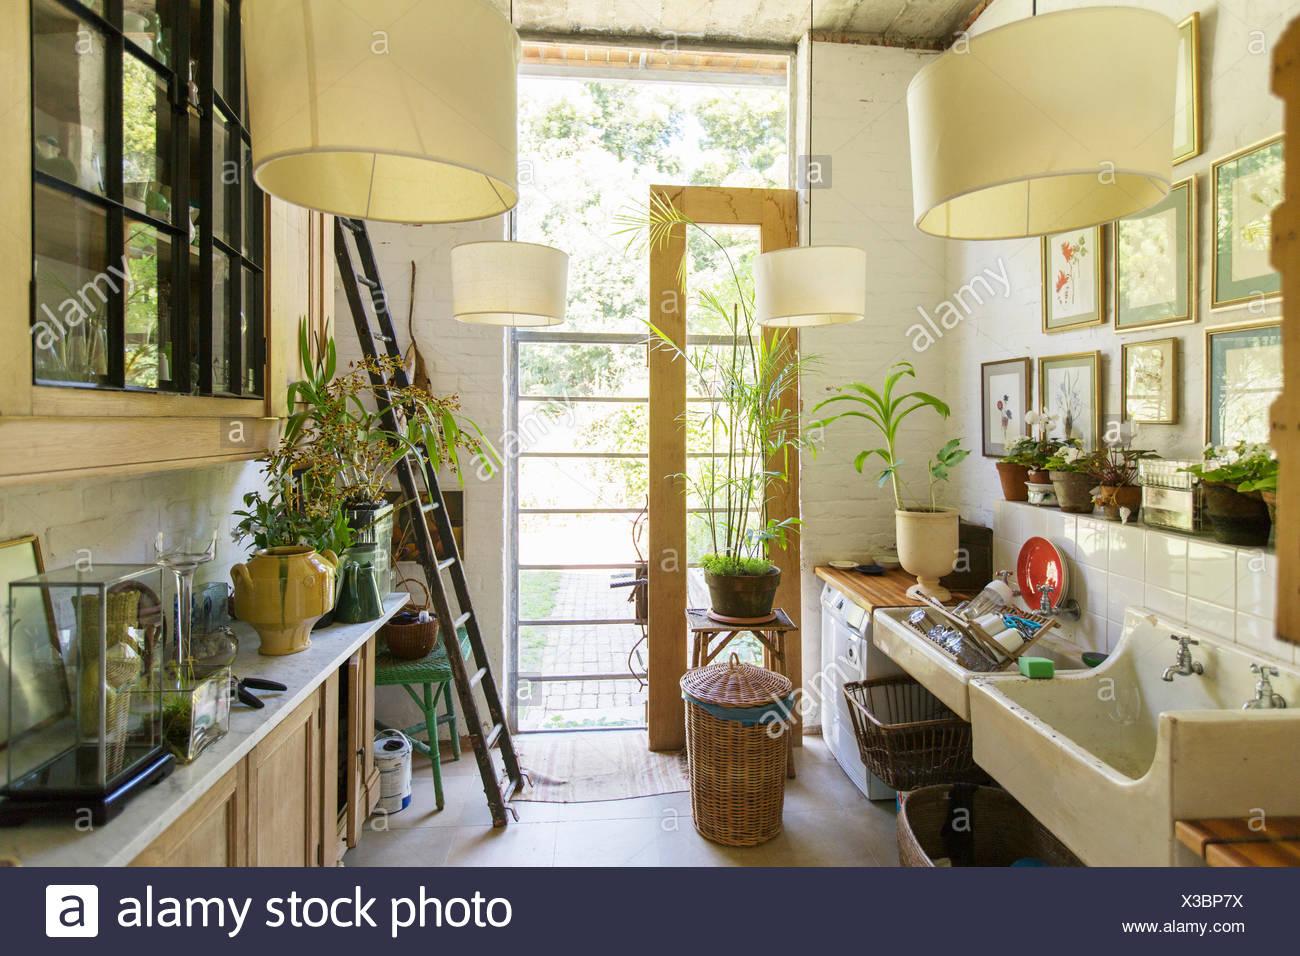 Porta in vetro nella cucina rustica Immagini Stock